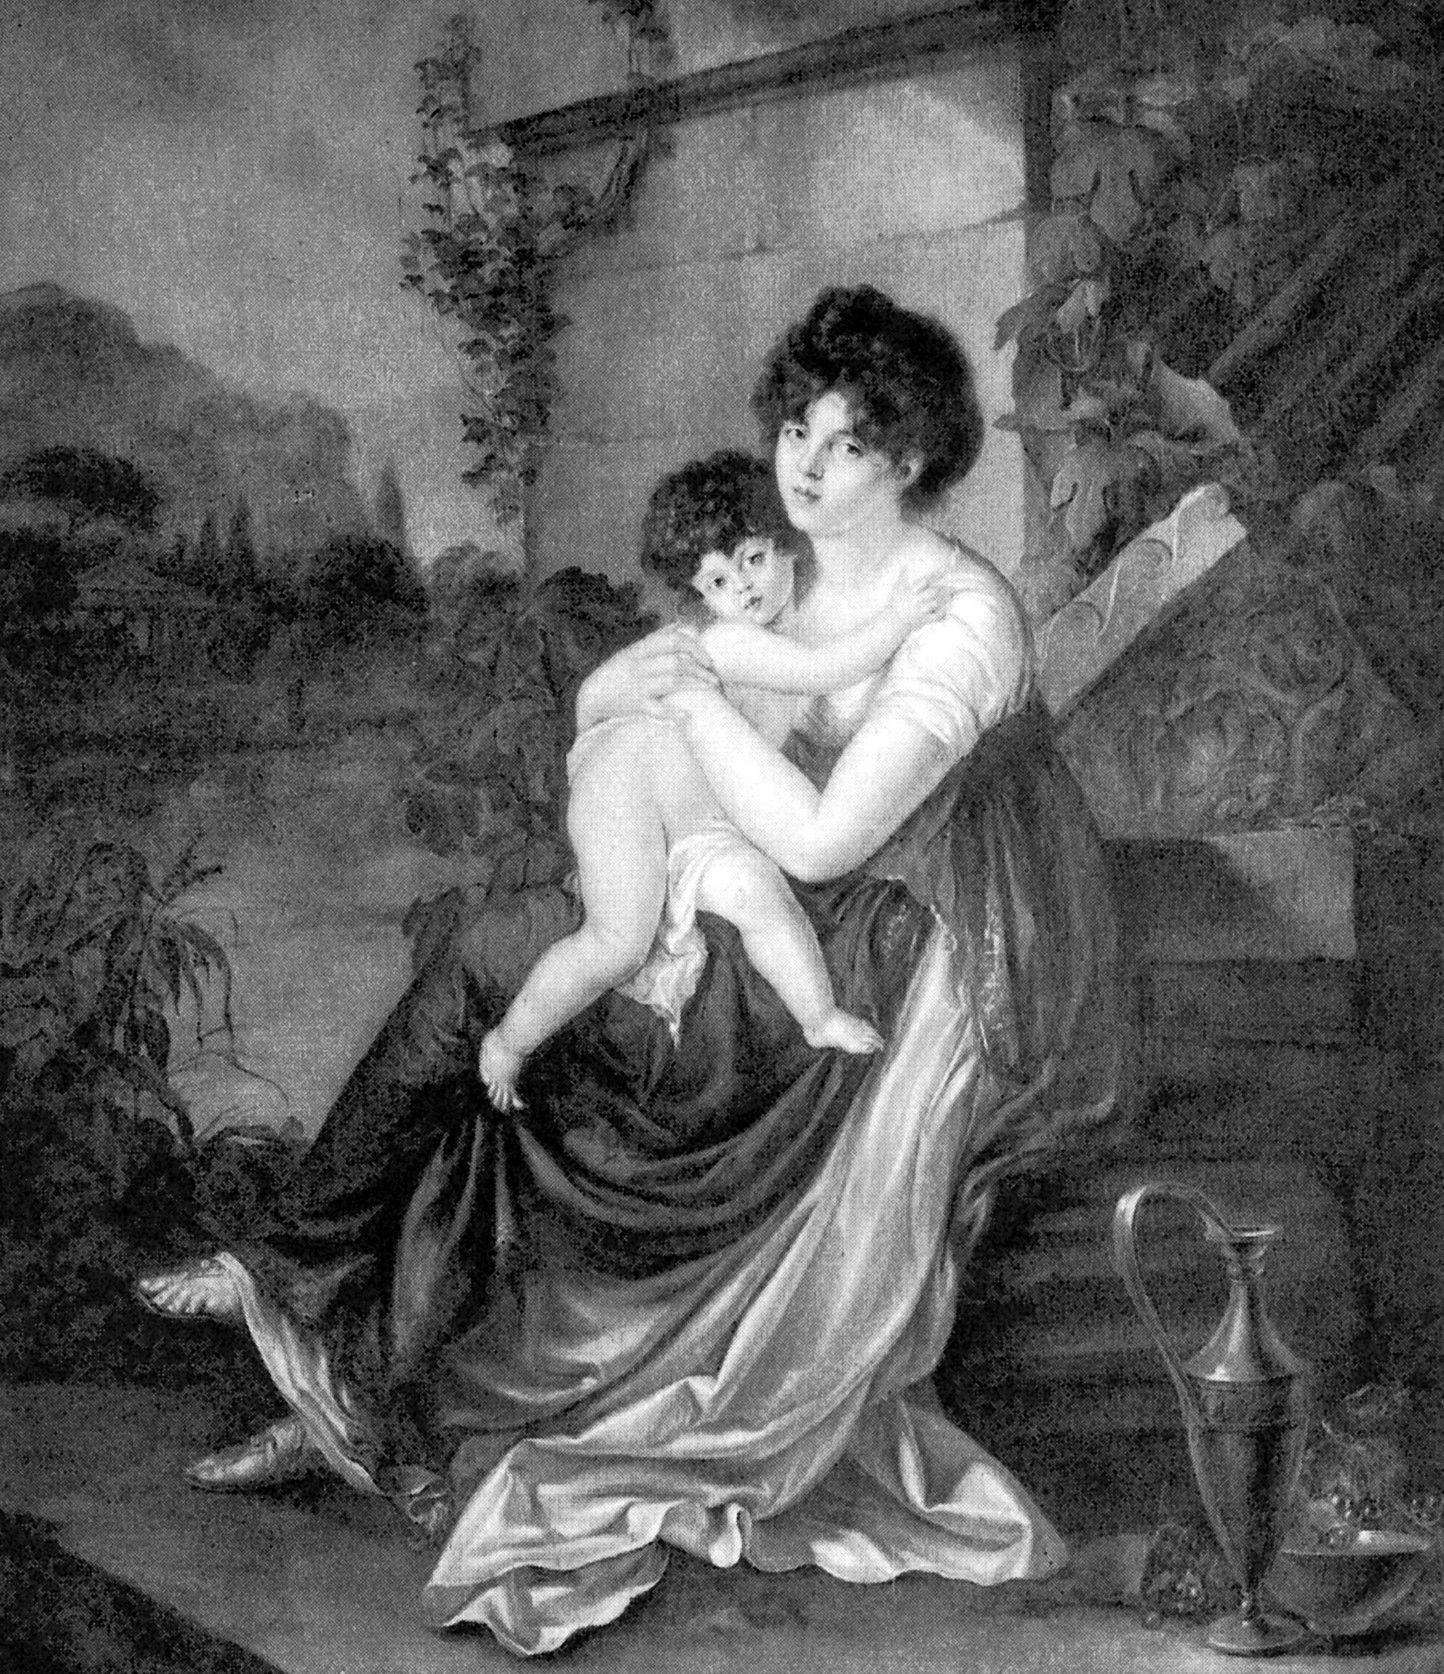 Maria z Czetwertyńskich Naryszkina wraz z jednym ze swych dzieci na ilustracji wykonanej na podstawie obrazu Petera Edwarda Stroehlinga (źródło: domena publiczna).